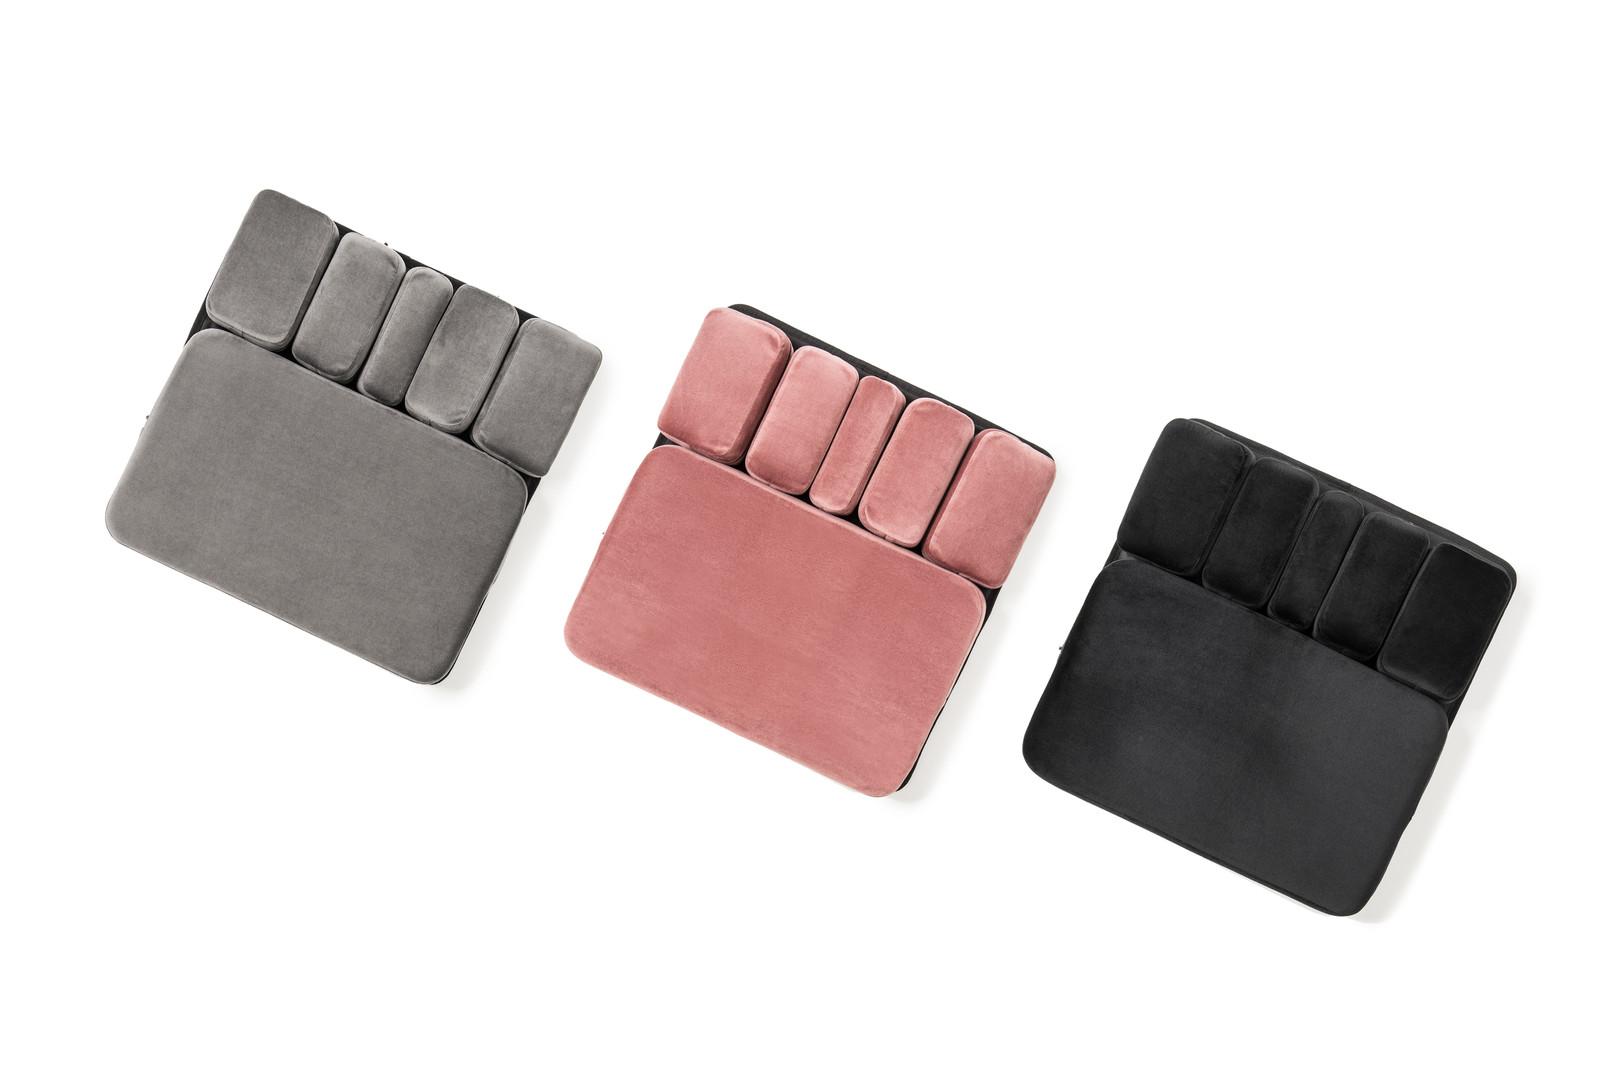 Flexi-mat color choices